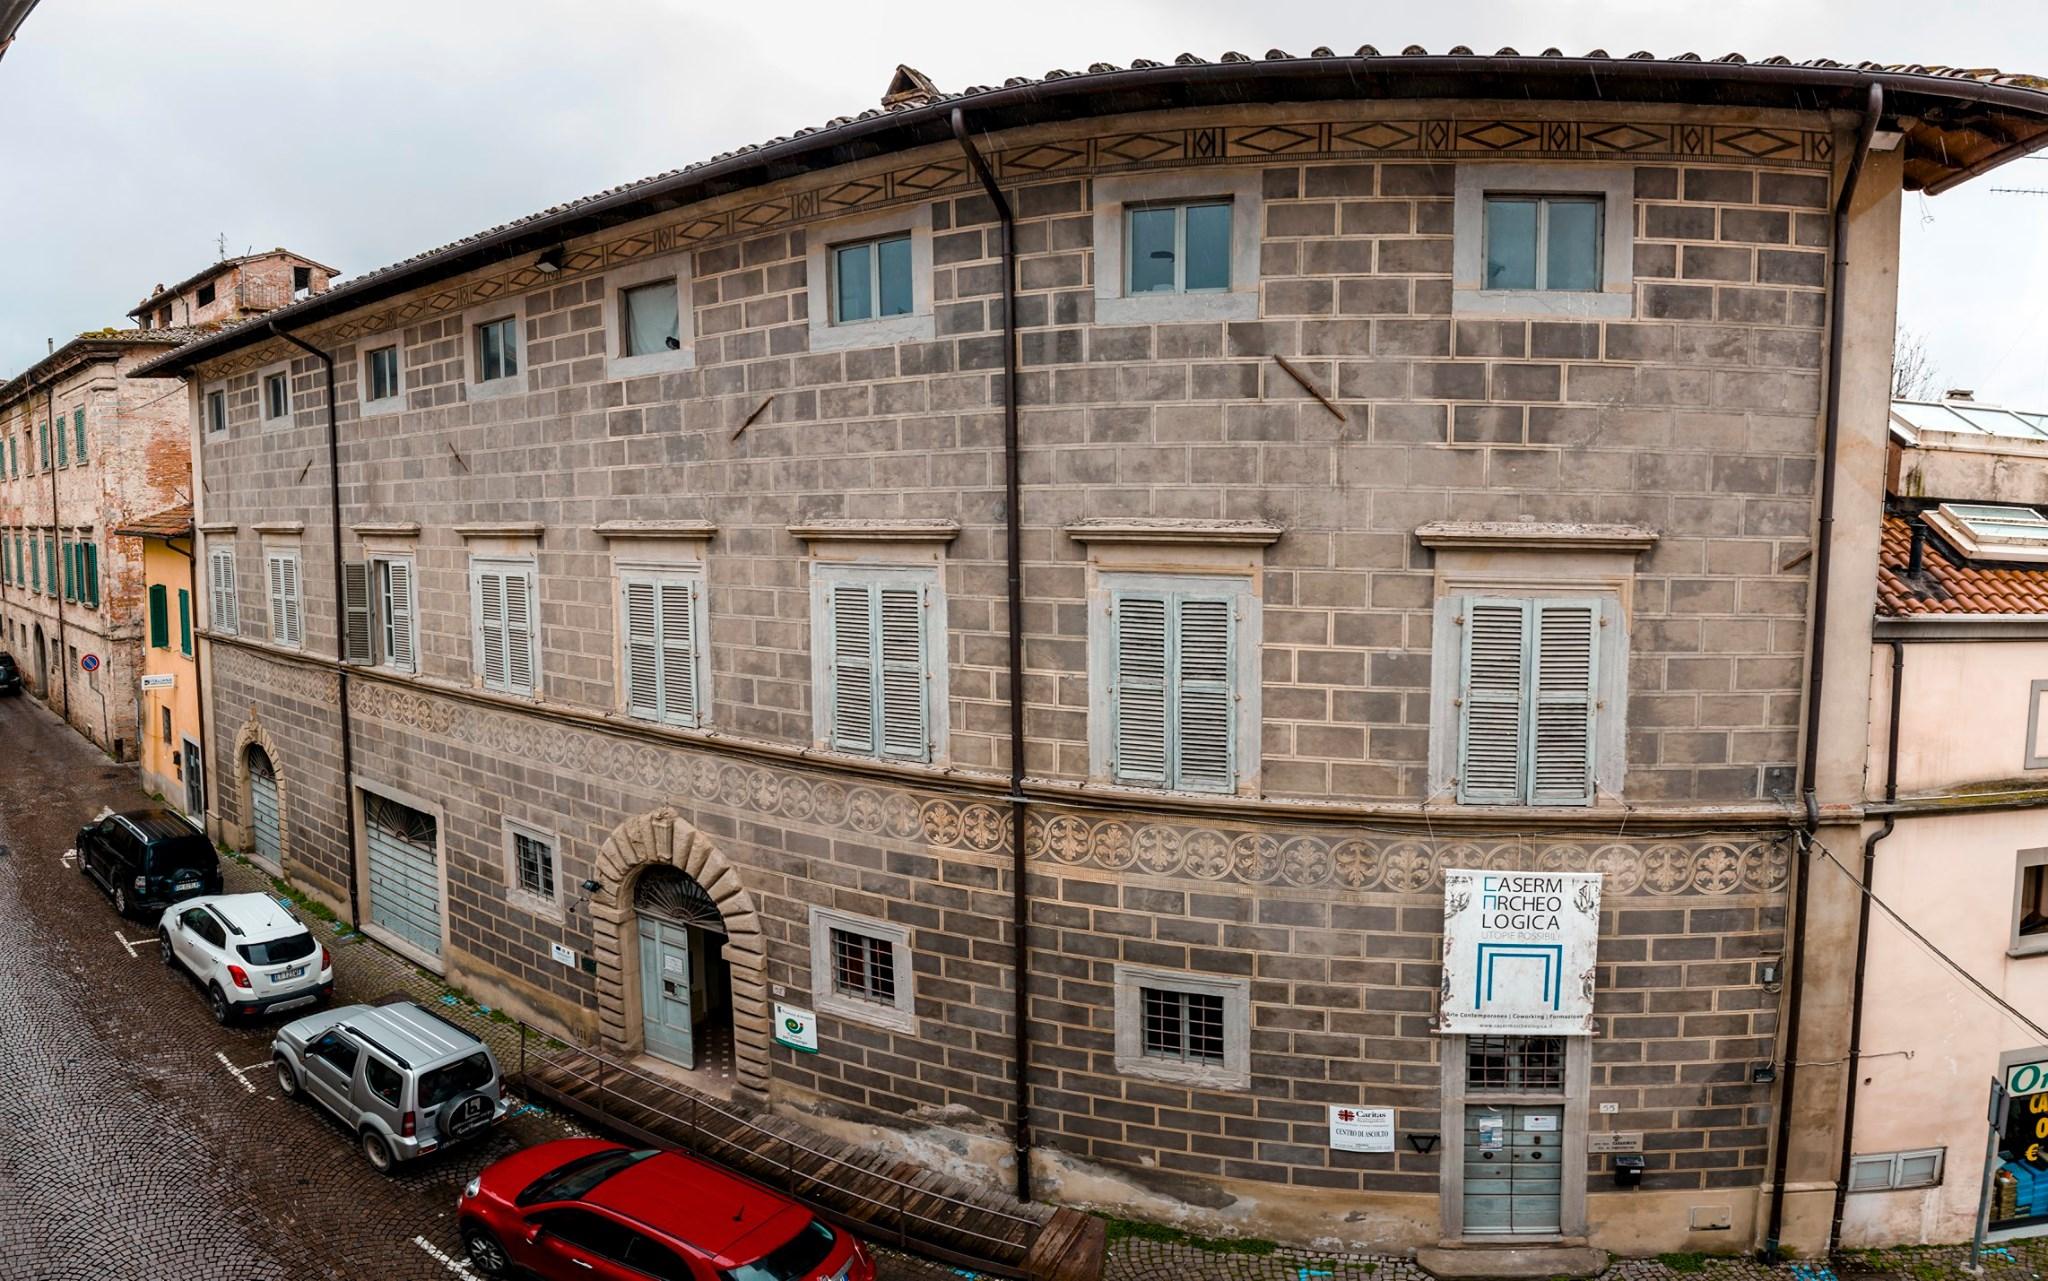 palazzo muglioni